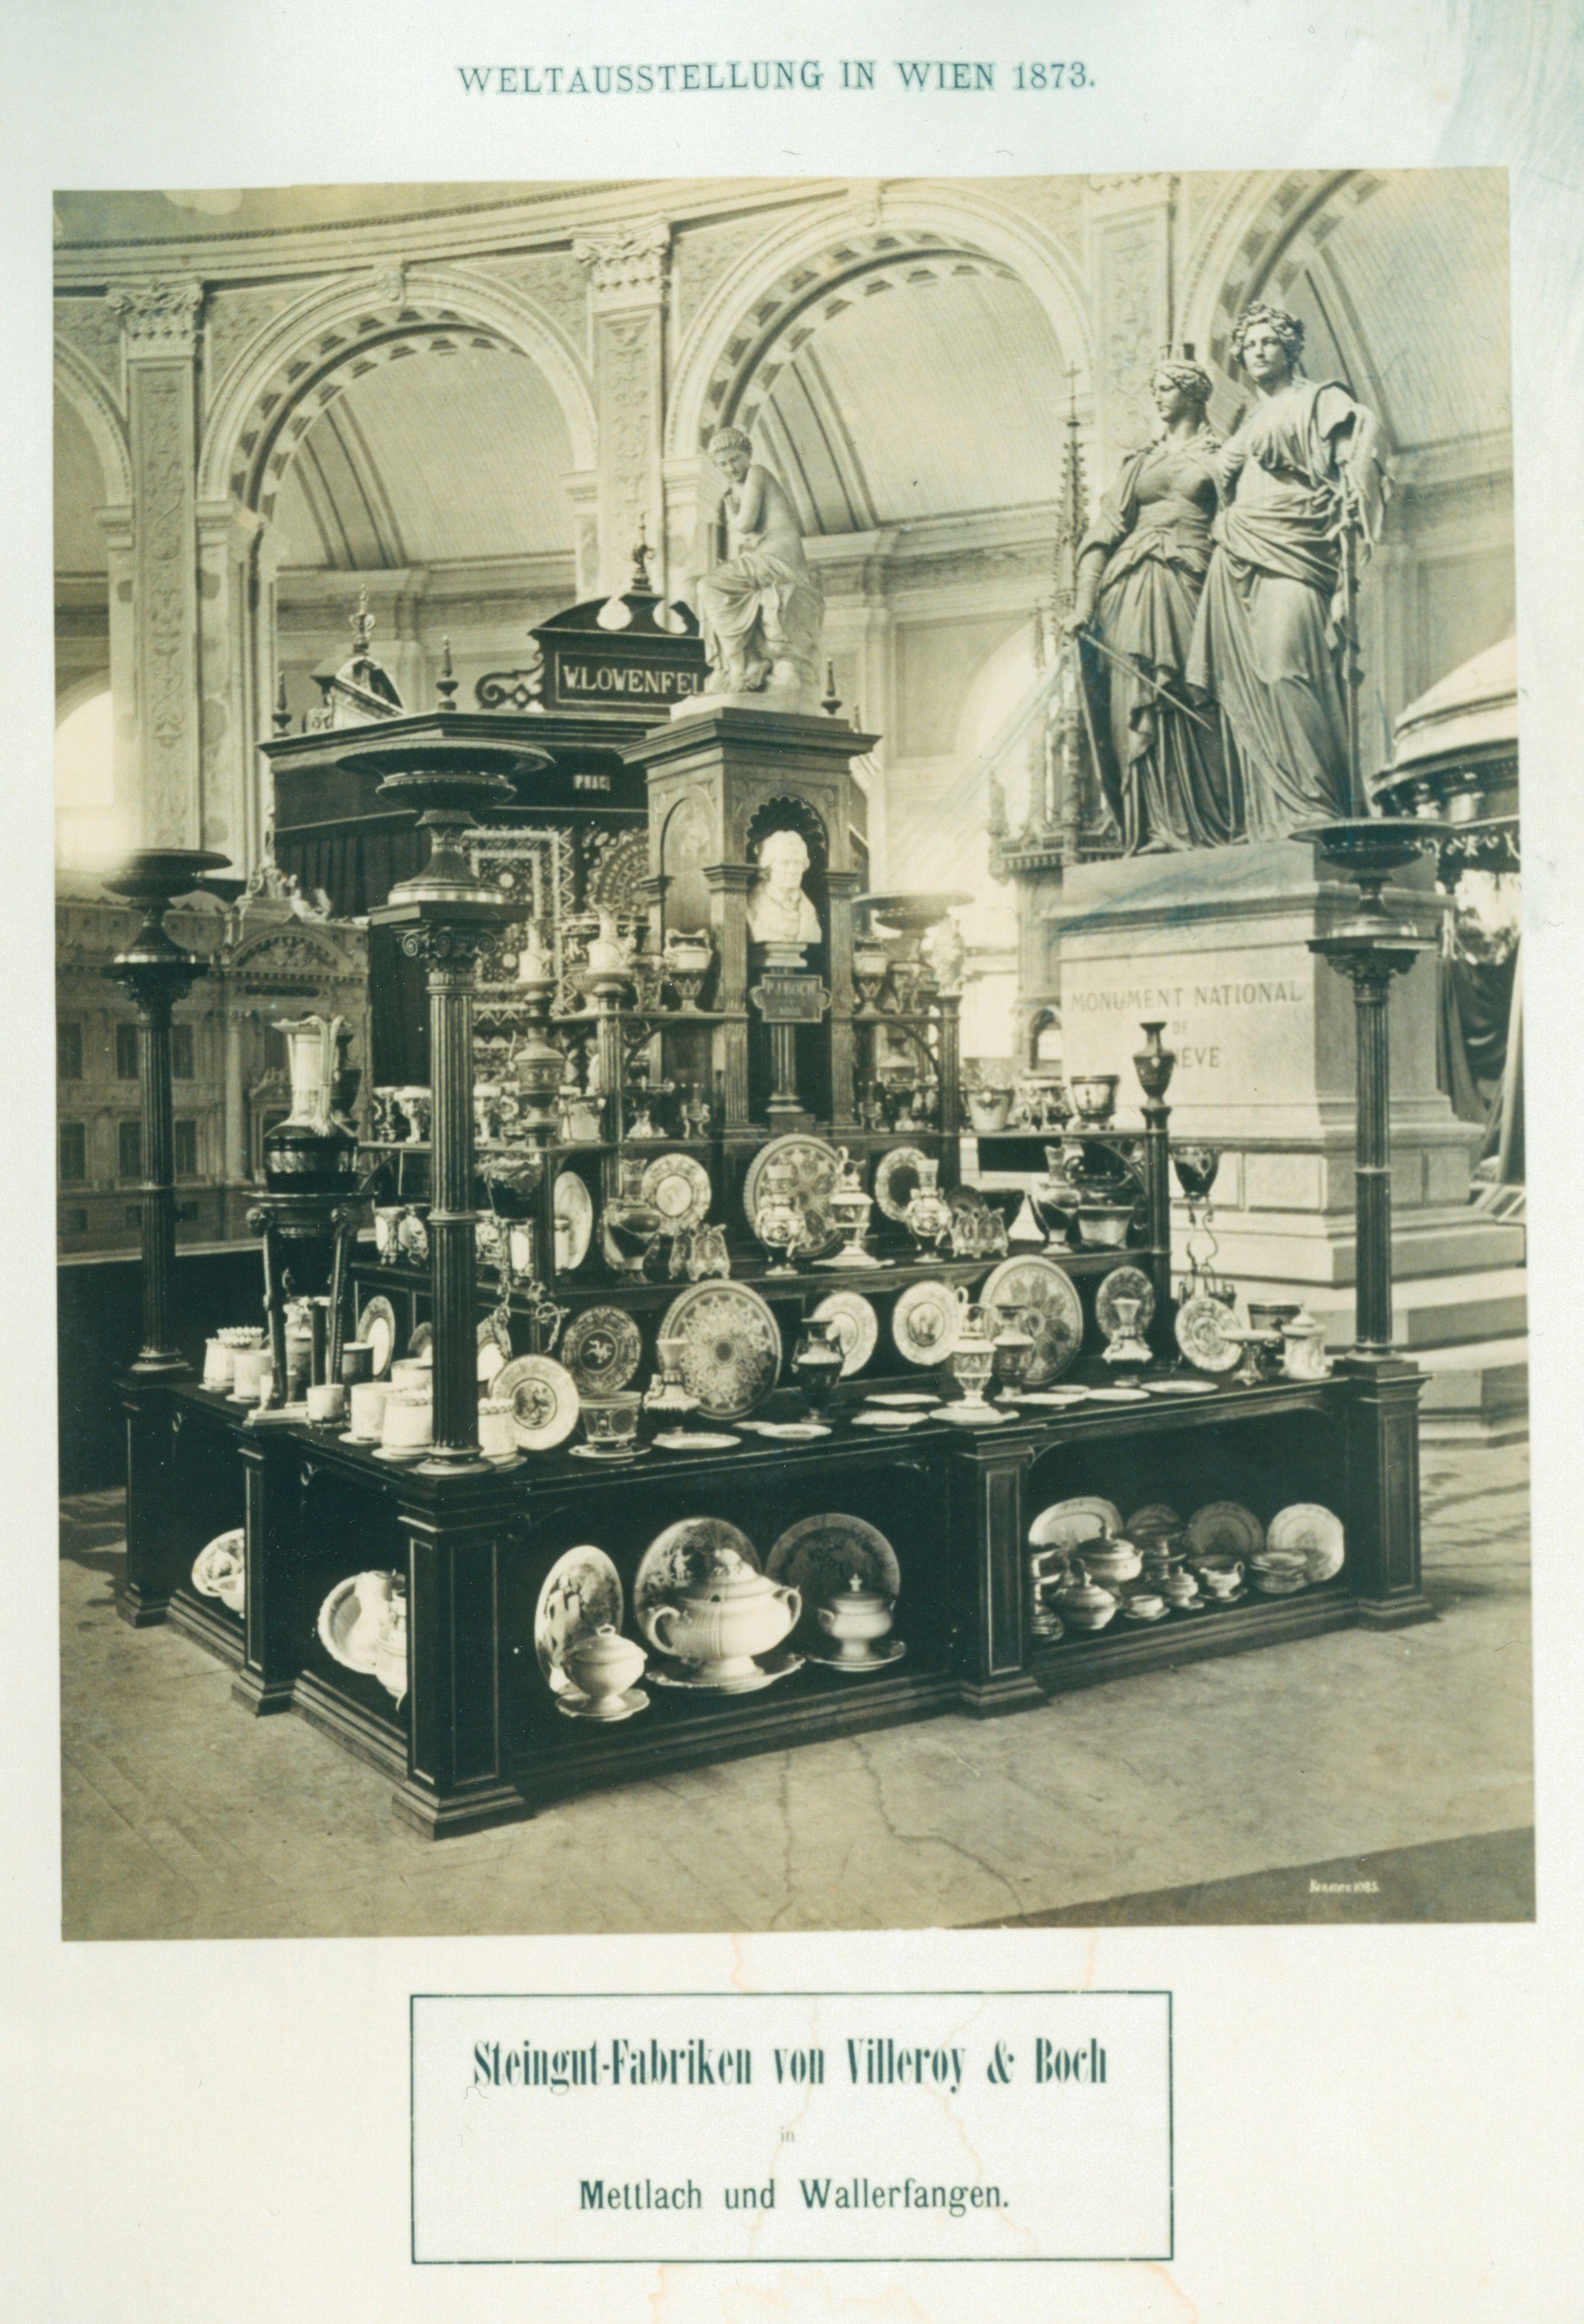 Villeroy & Boch from 1873